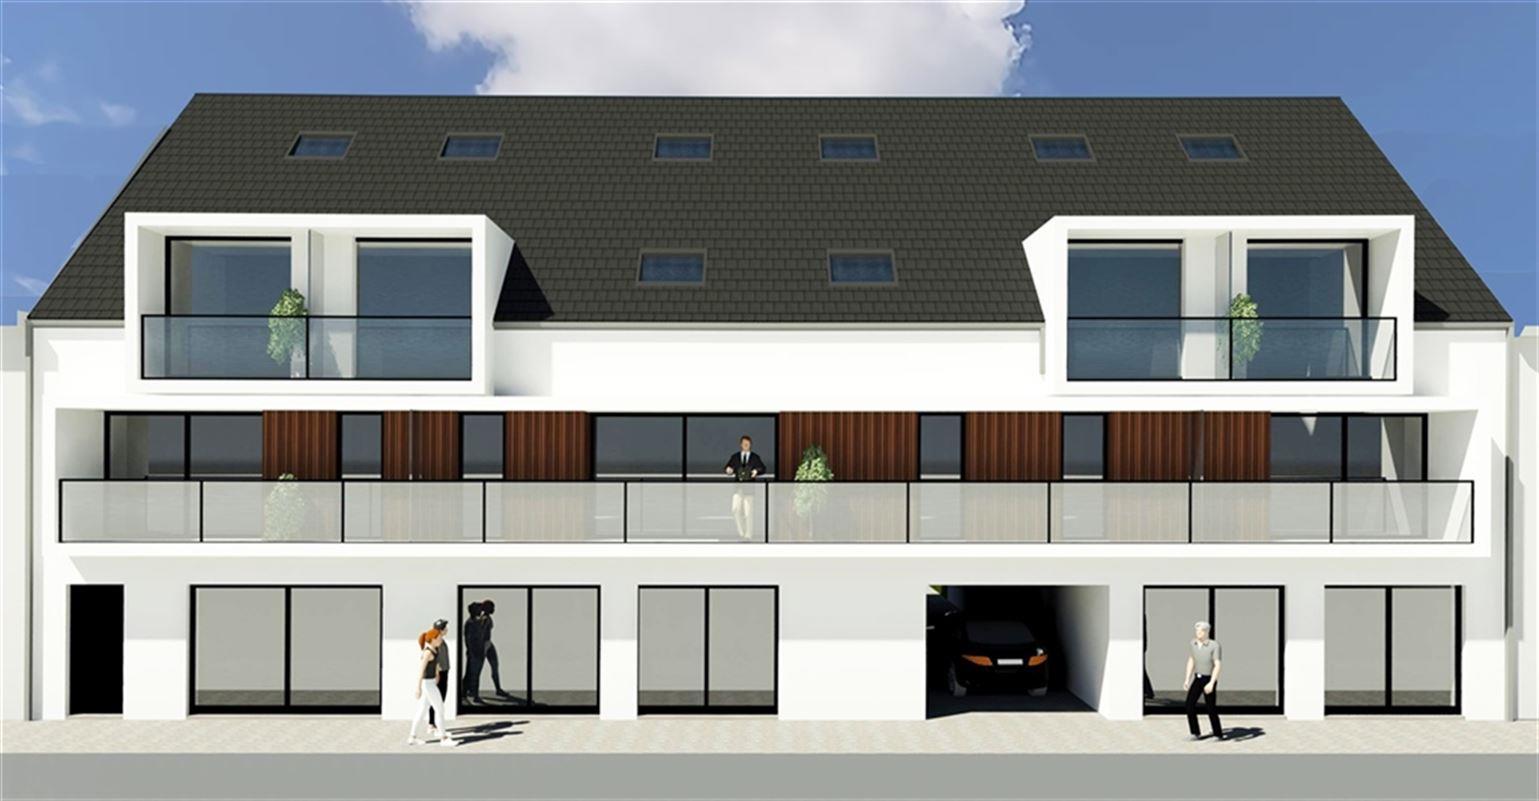 Bruggestraat 43 - EERNEGEM